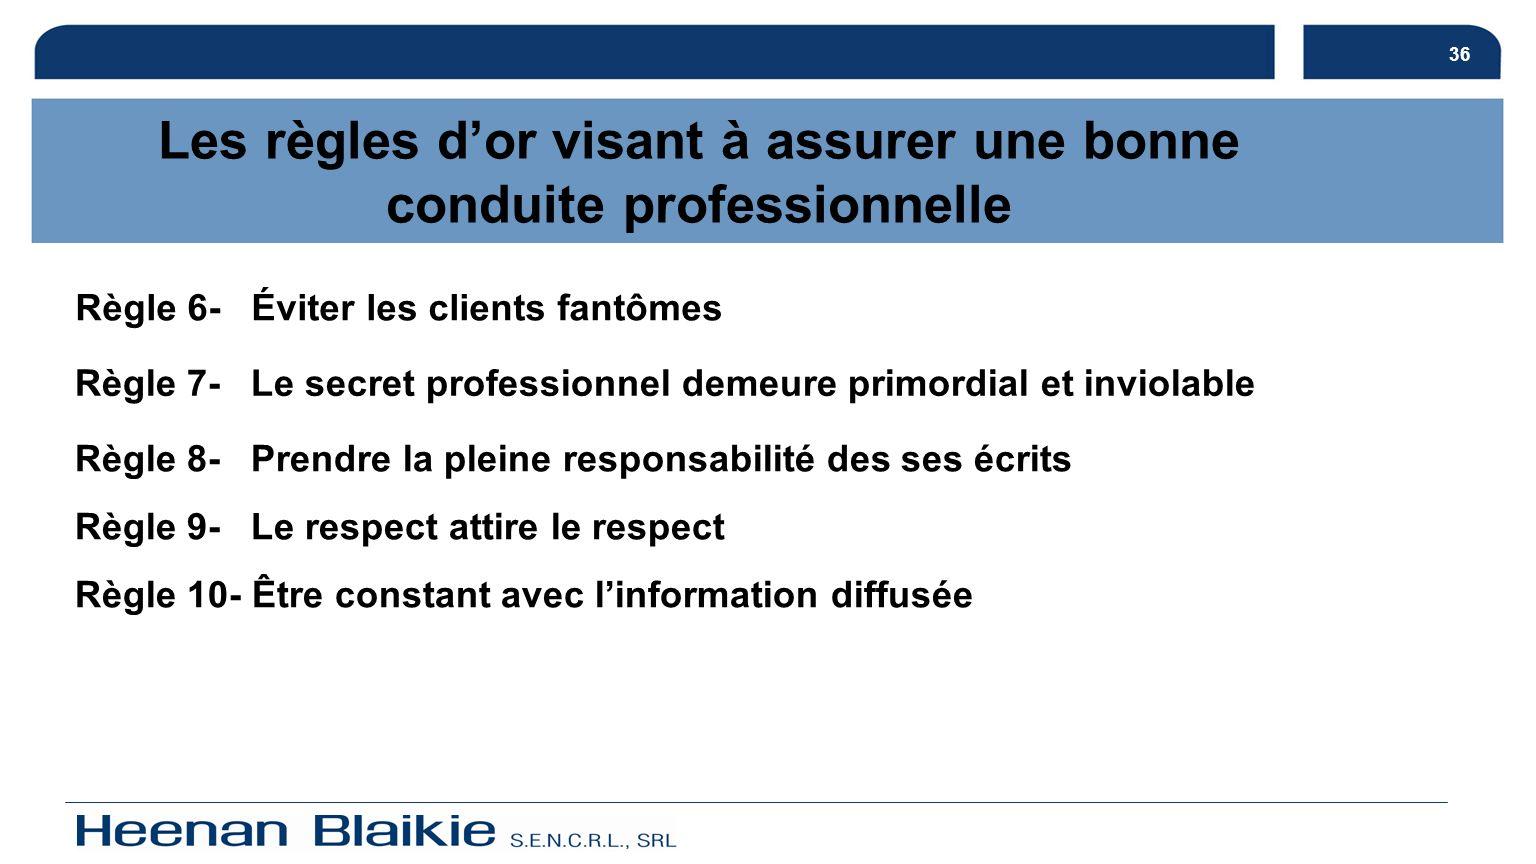 36 Règle 6- Éviter les clients fantômes Règle 7- Le secret professionnel demeure primordial et inviolable Règle 8- Prendre la pleine responsabilité de